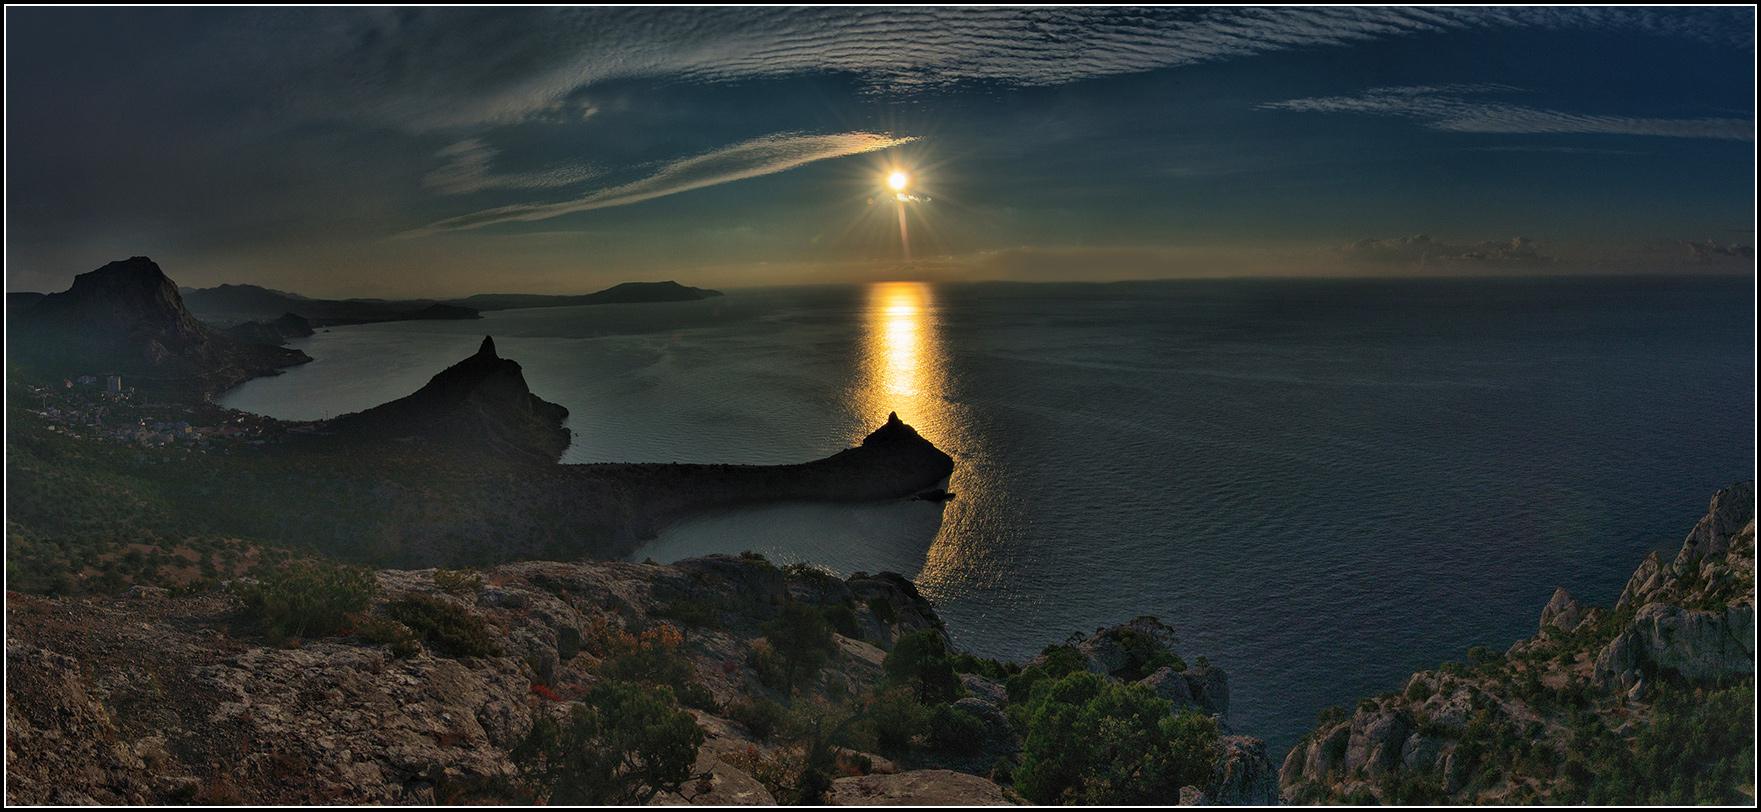 Крым, Новый свет, Утро, рассвет, море, солнце, панорама